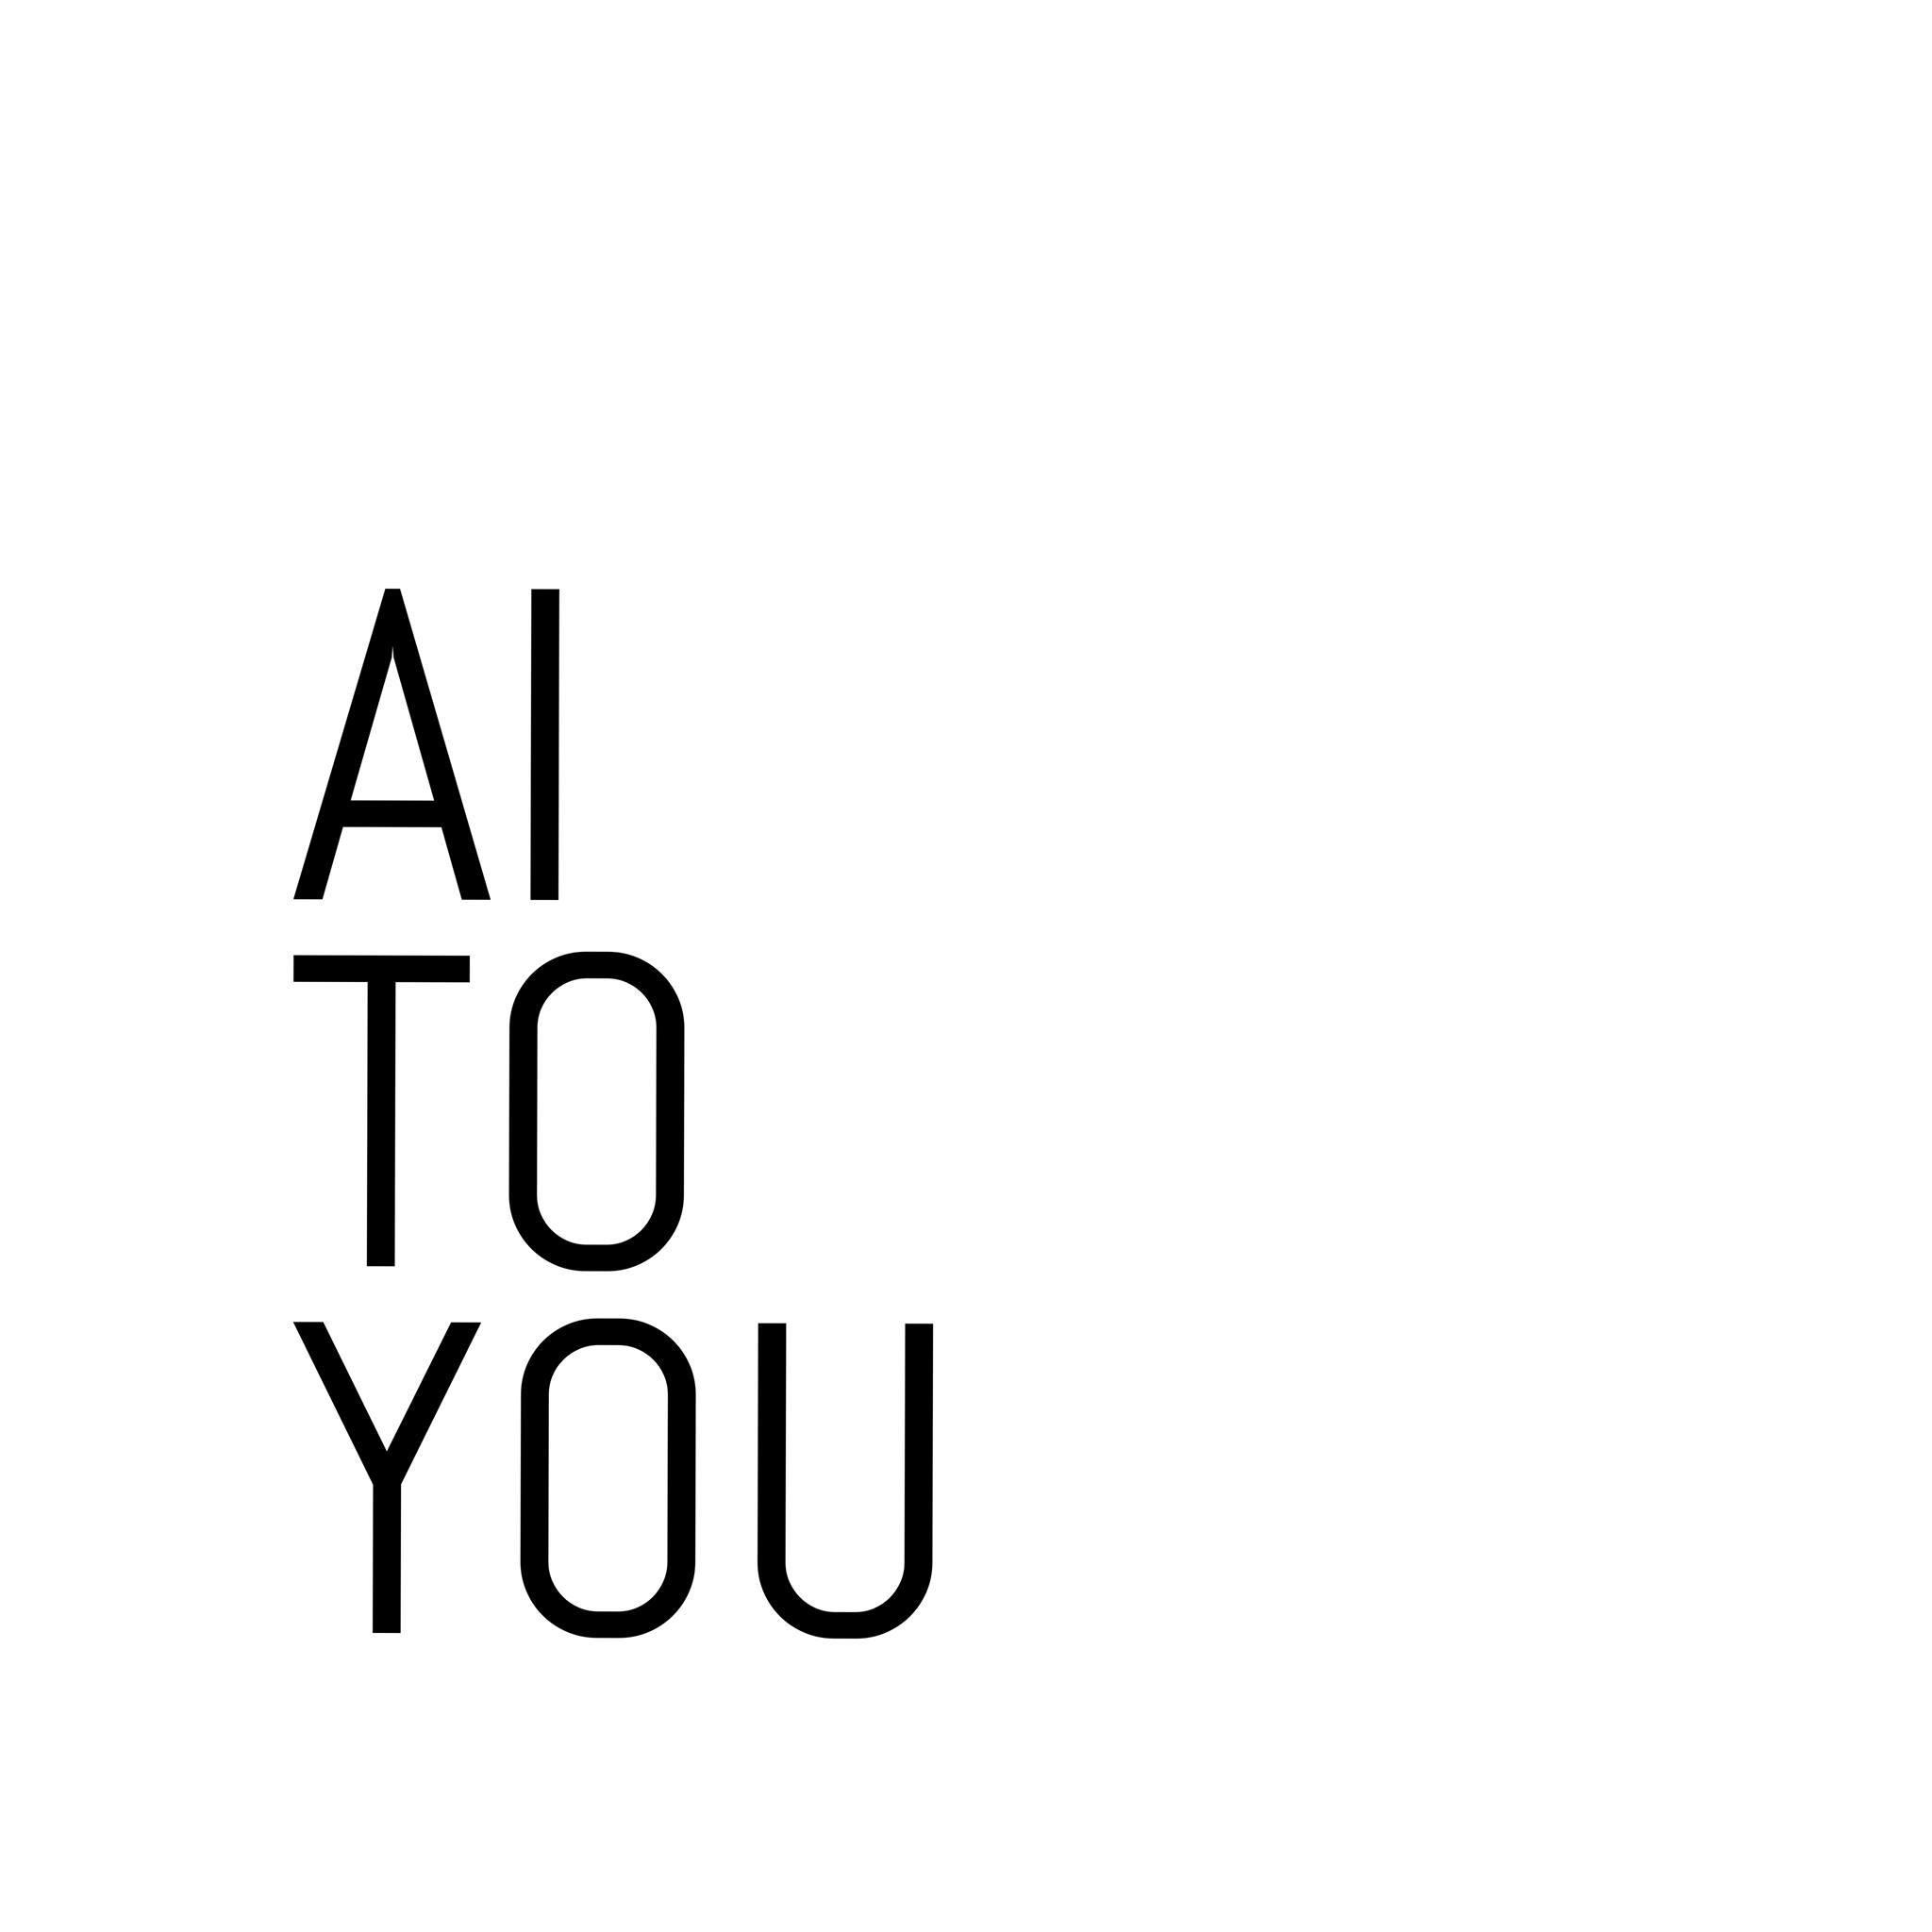 AI TO YOU